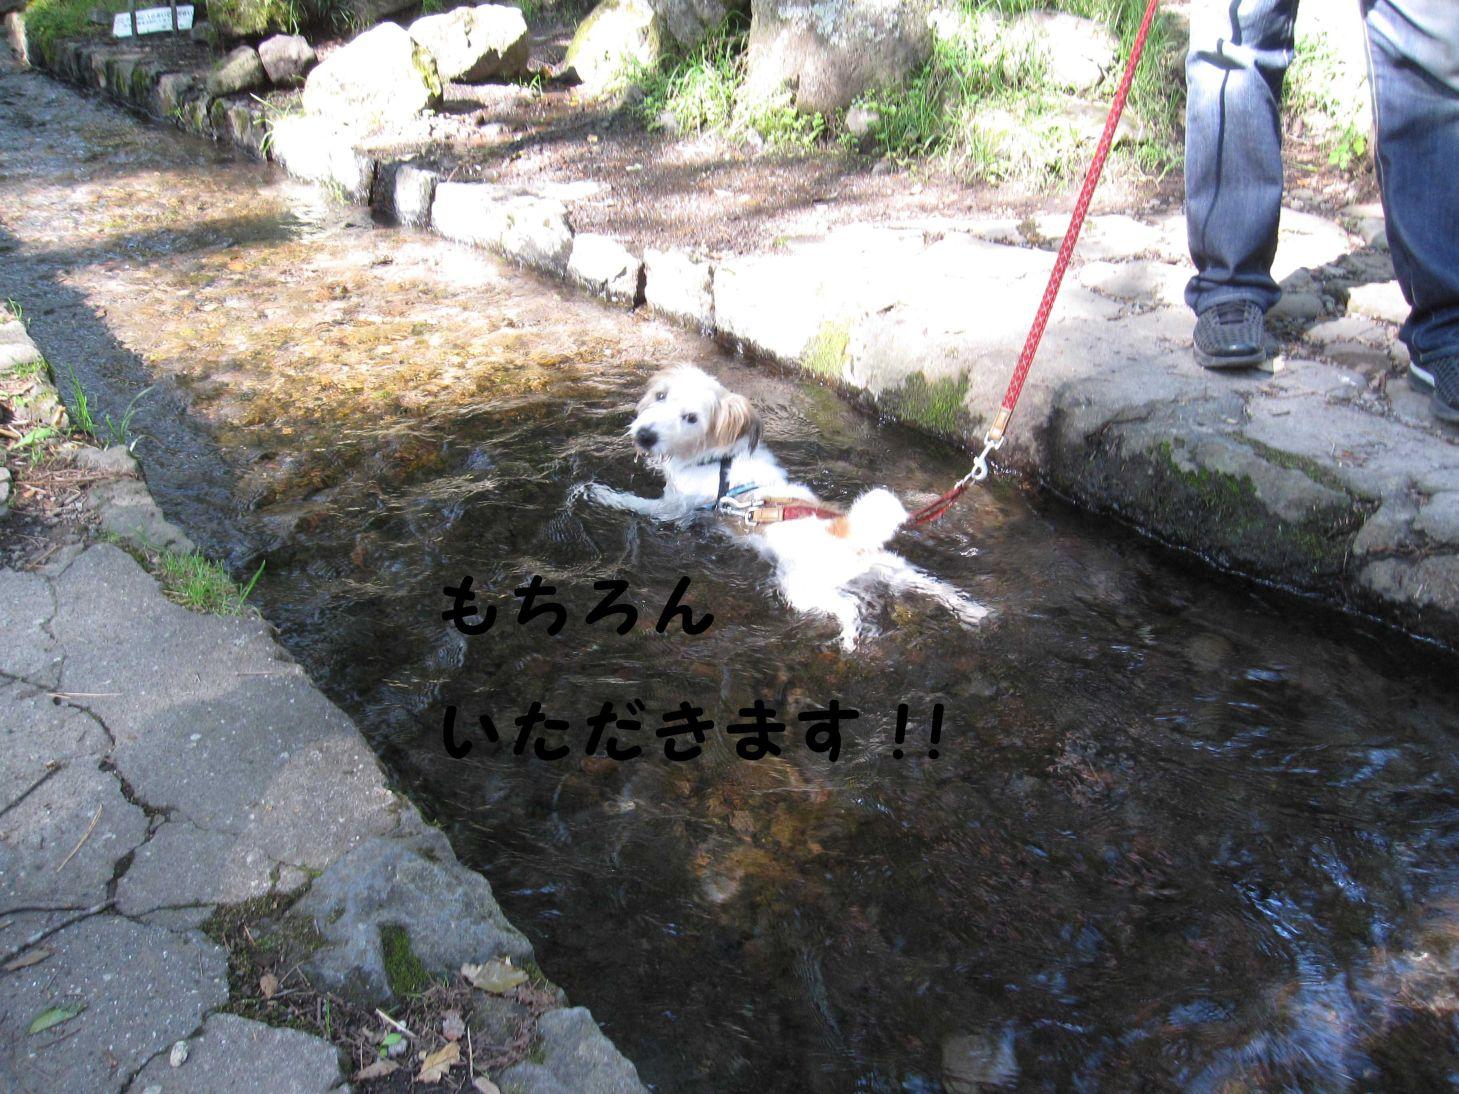 s_名水いただき